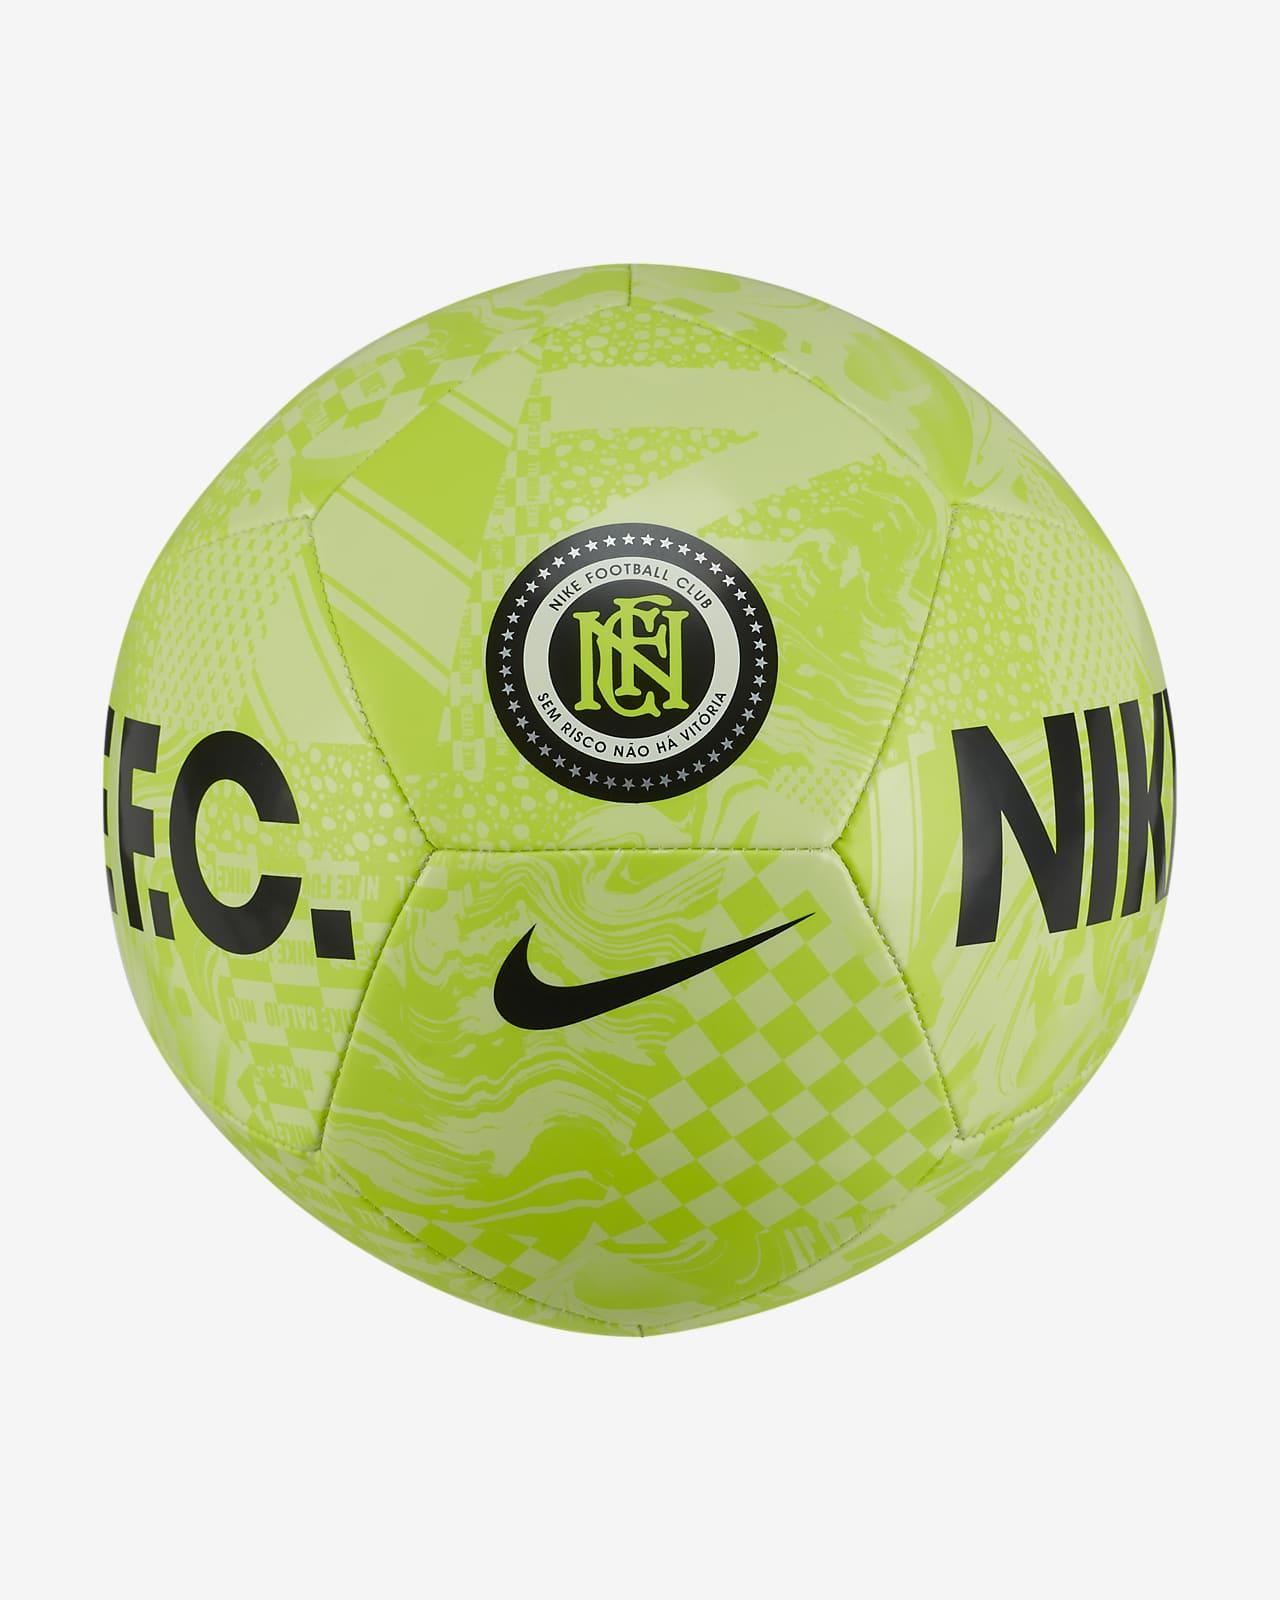 ナイキ F.C. サッカーボール